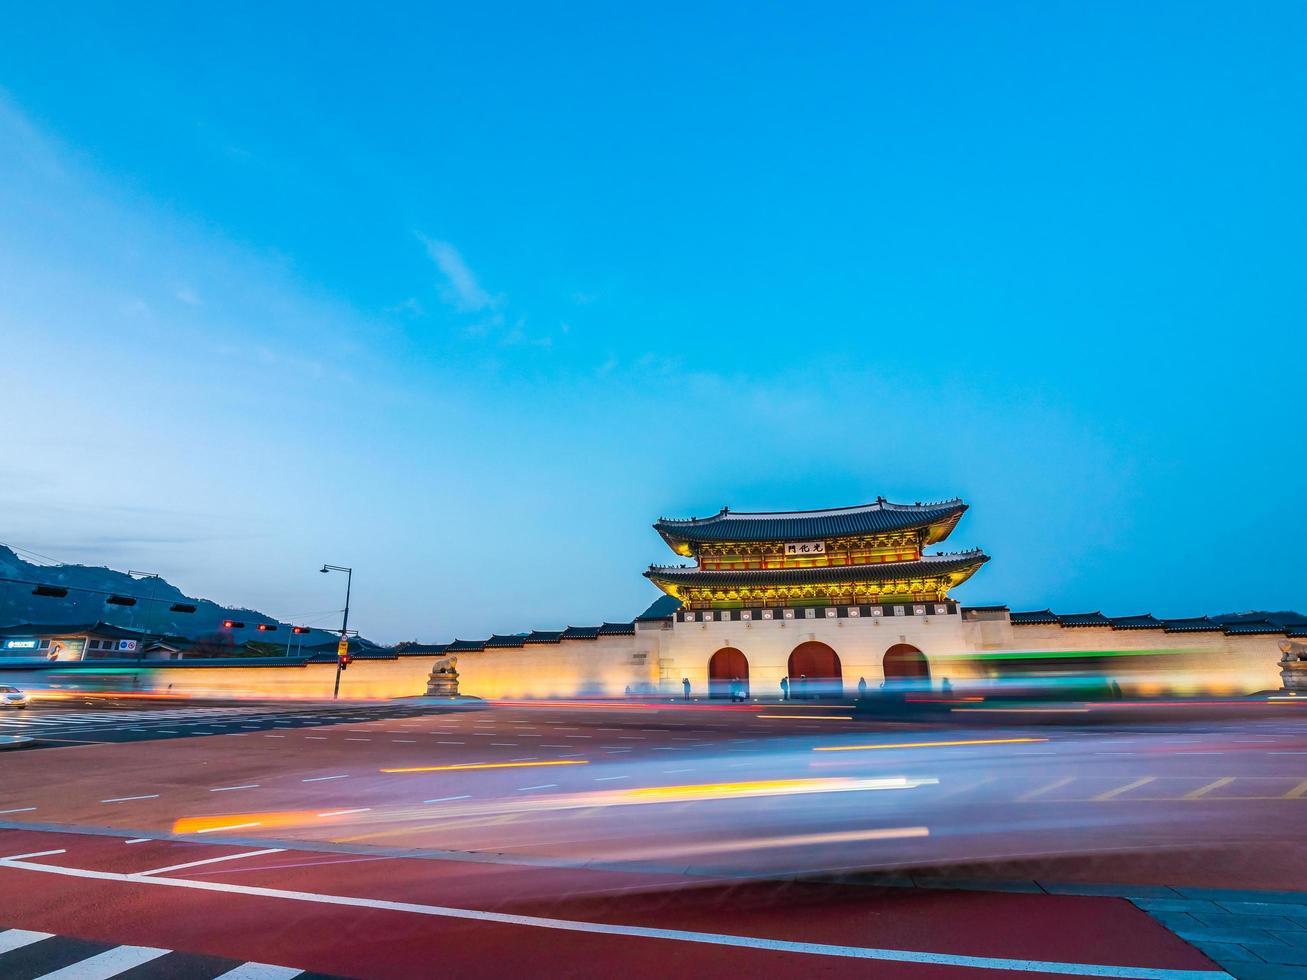 gyeongbokgung paleisoriëntatiepunt van de stad van seoel in zuid-korea foto